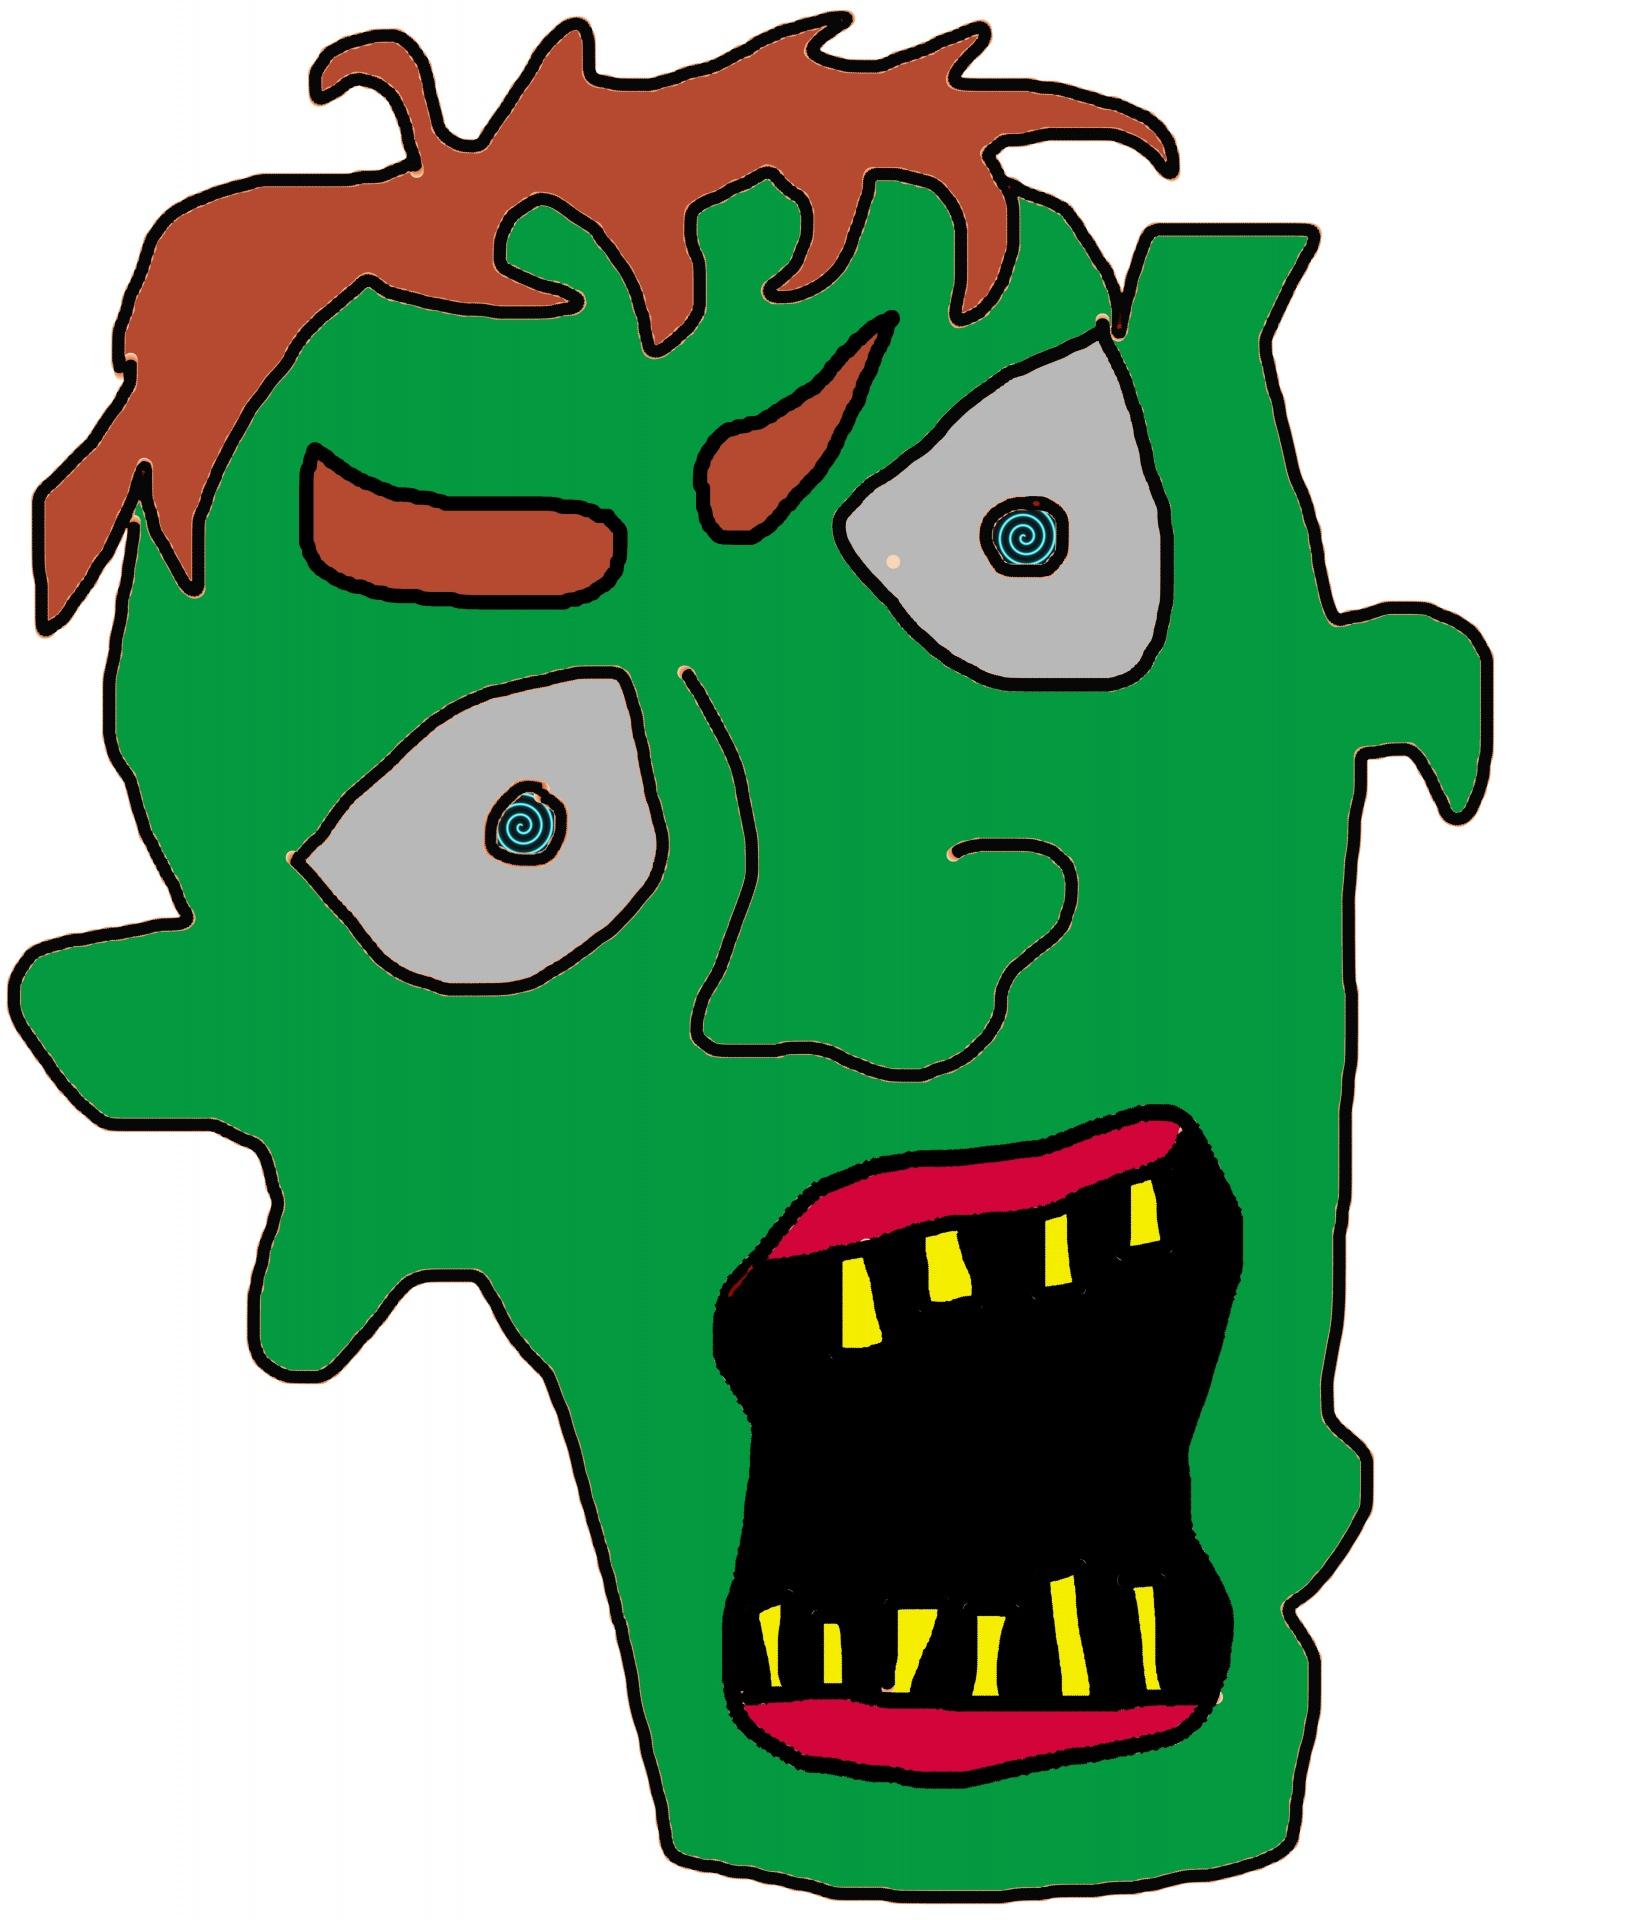 1645x1920 Zombie Head Cartoon Free Stock Photo